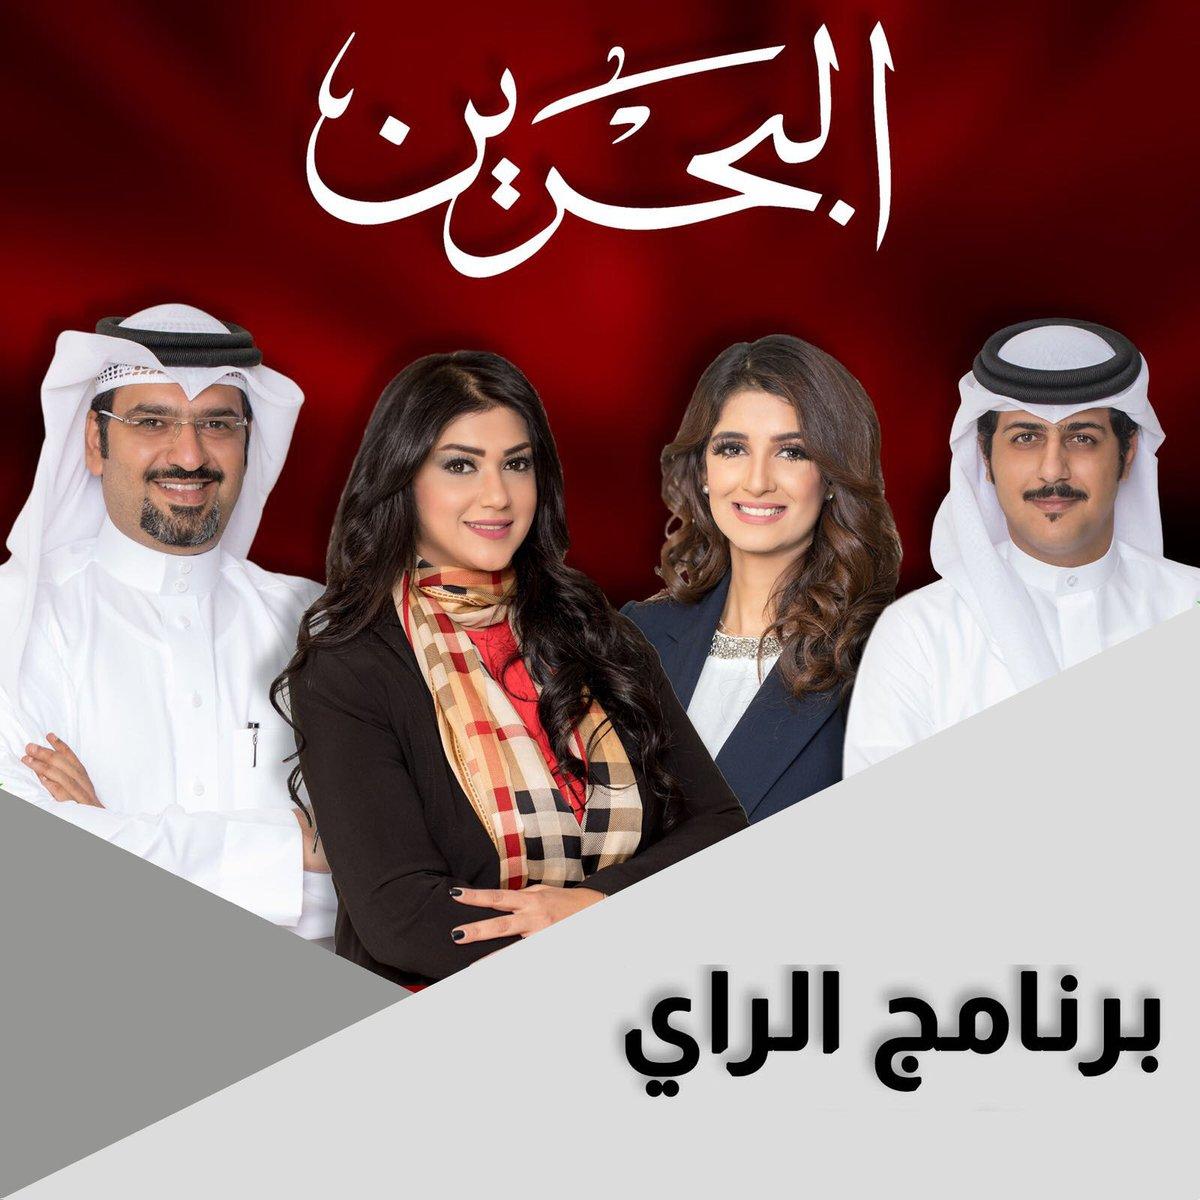 """تلفزيون البحرين on Twitter: """"تشاهدون بعد قليل #برنامج #الراي على ..."""